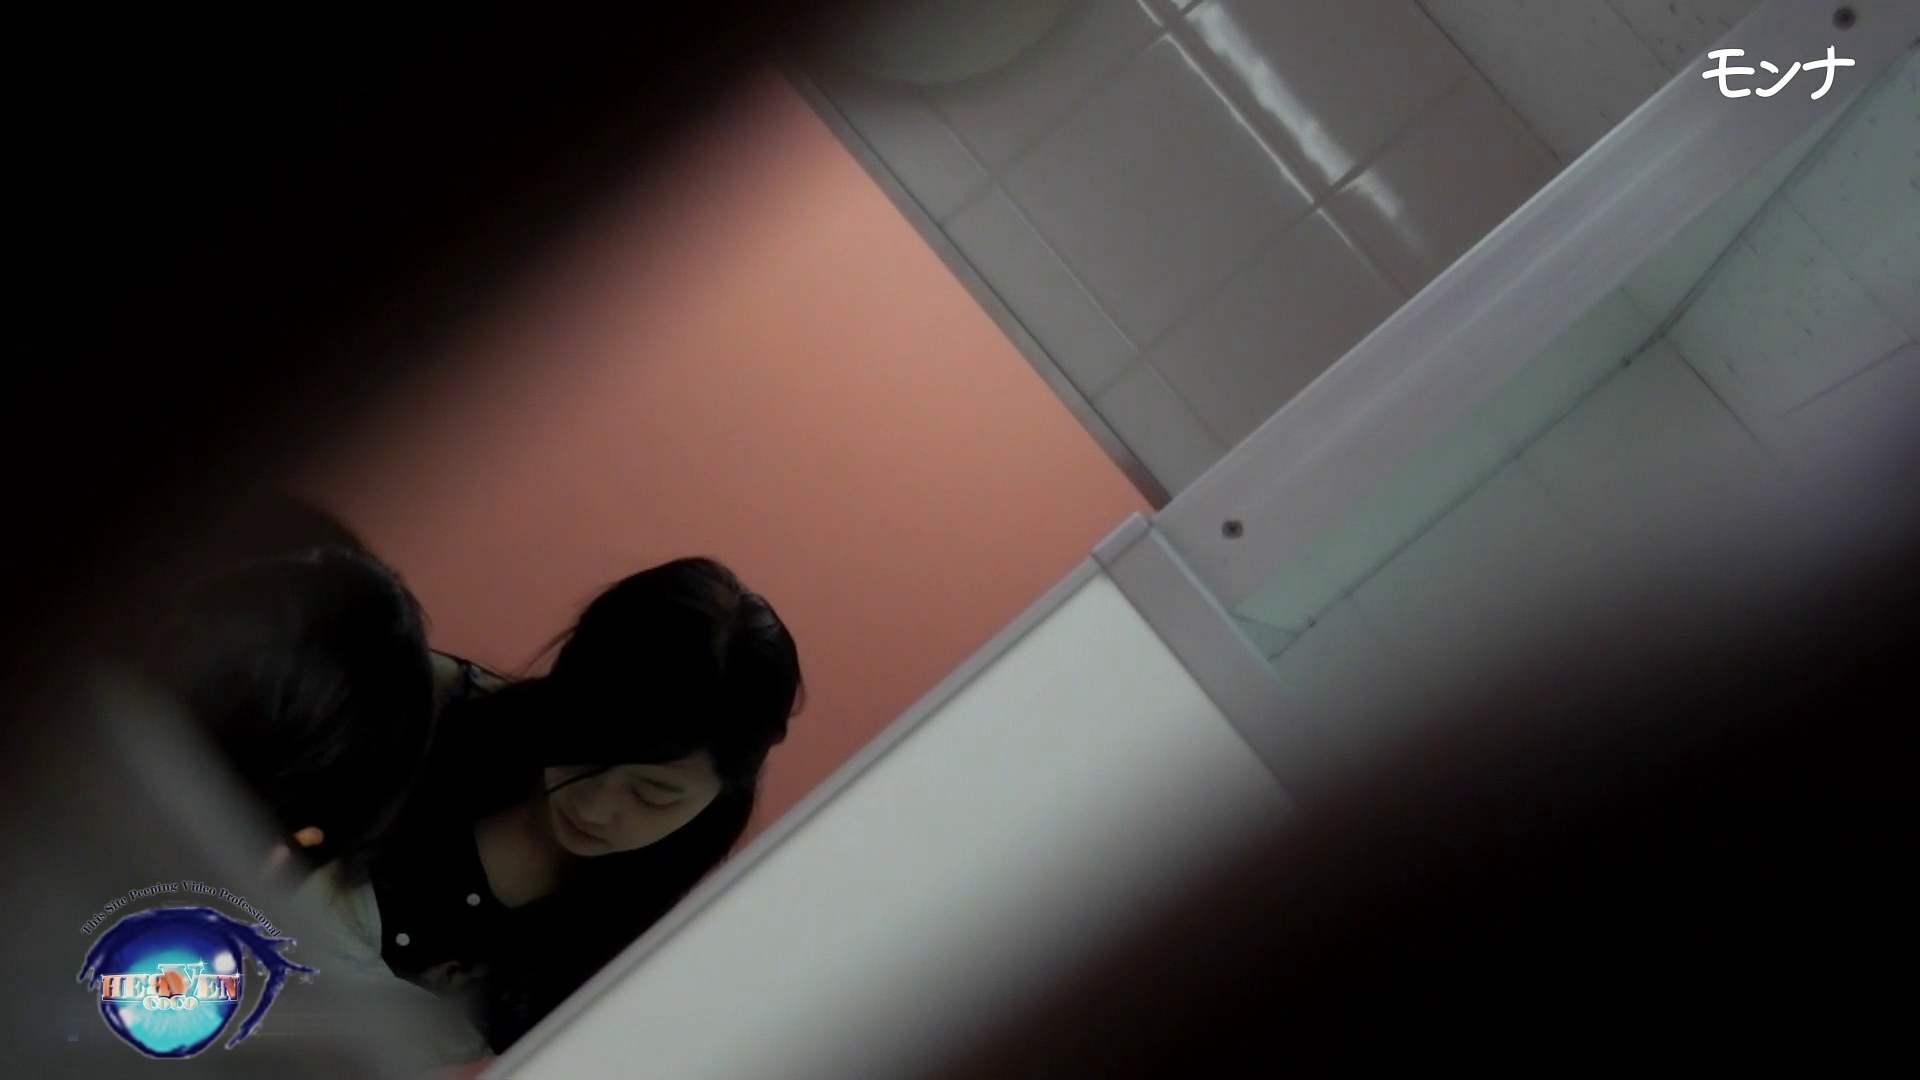 【美しい日本の未来】美しい日本の未来 No.74 覗き ヌード画像 110連発 93